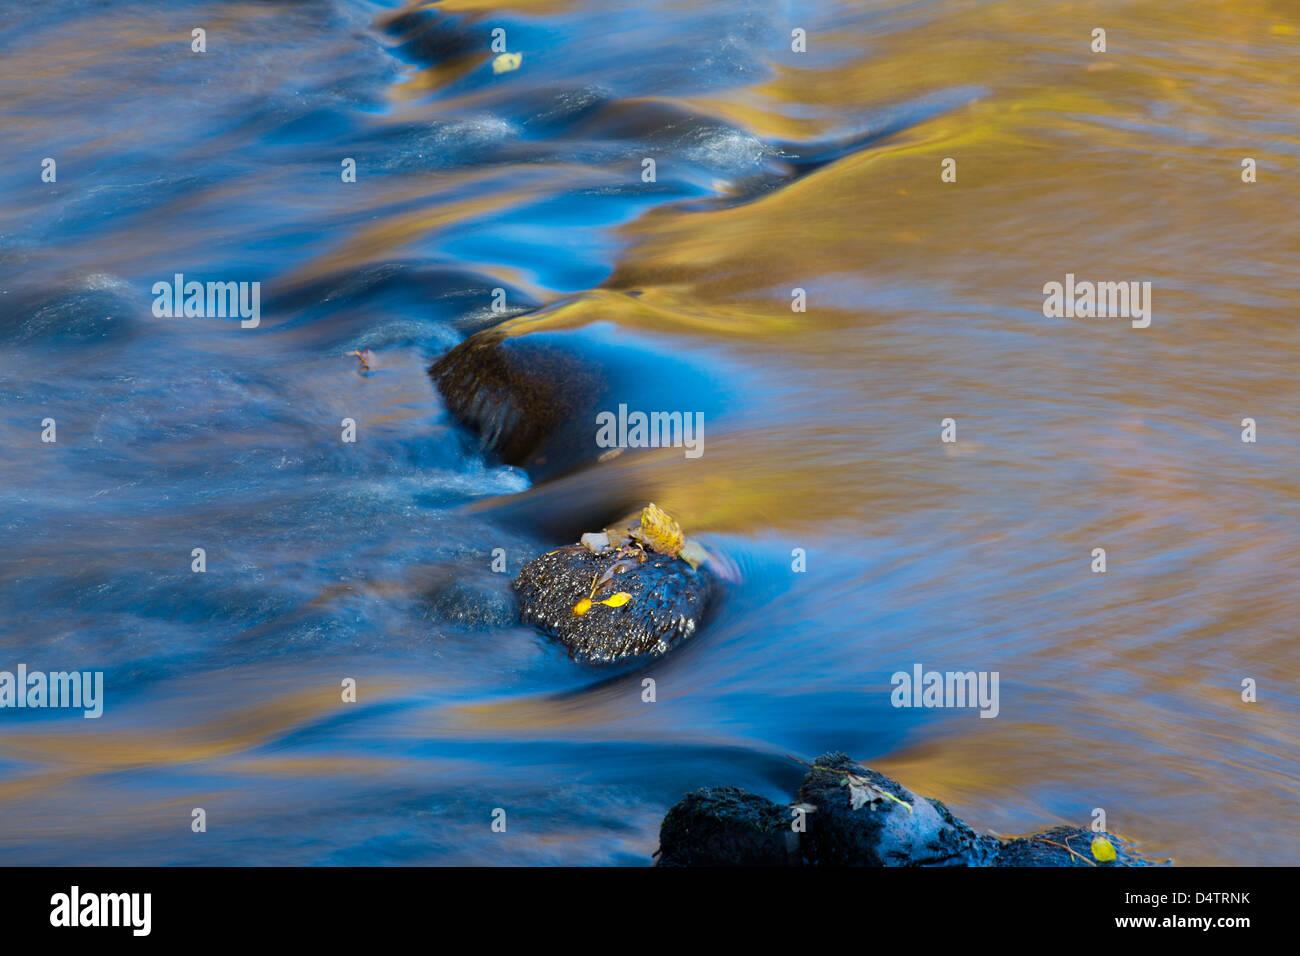 Otoño de patrones en la superficie de un arroyo, en el condado de Mayo, Irlanda. Imagen De Stock